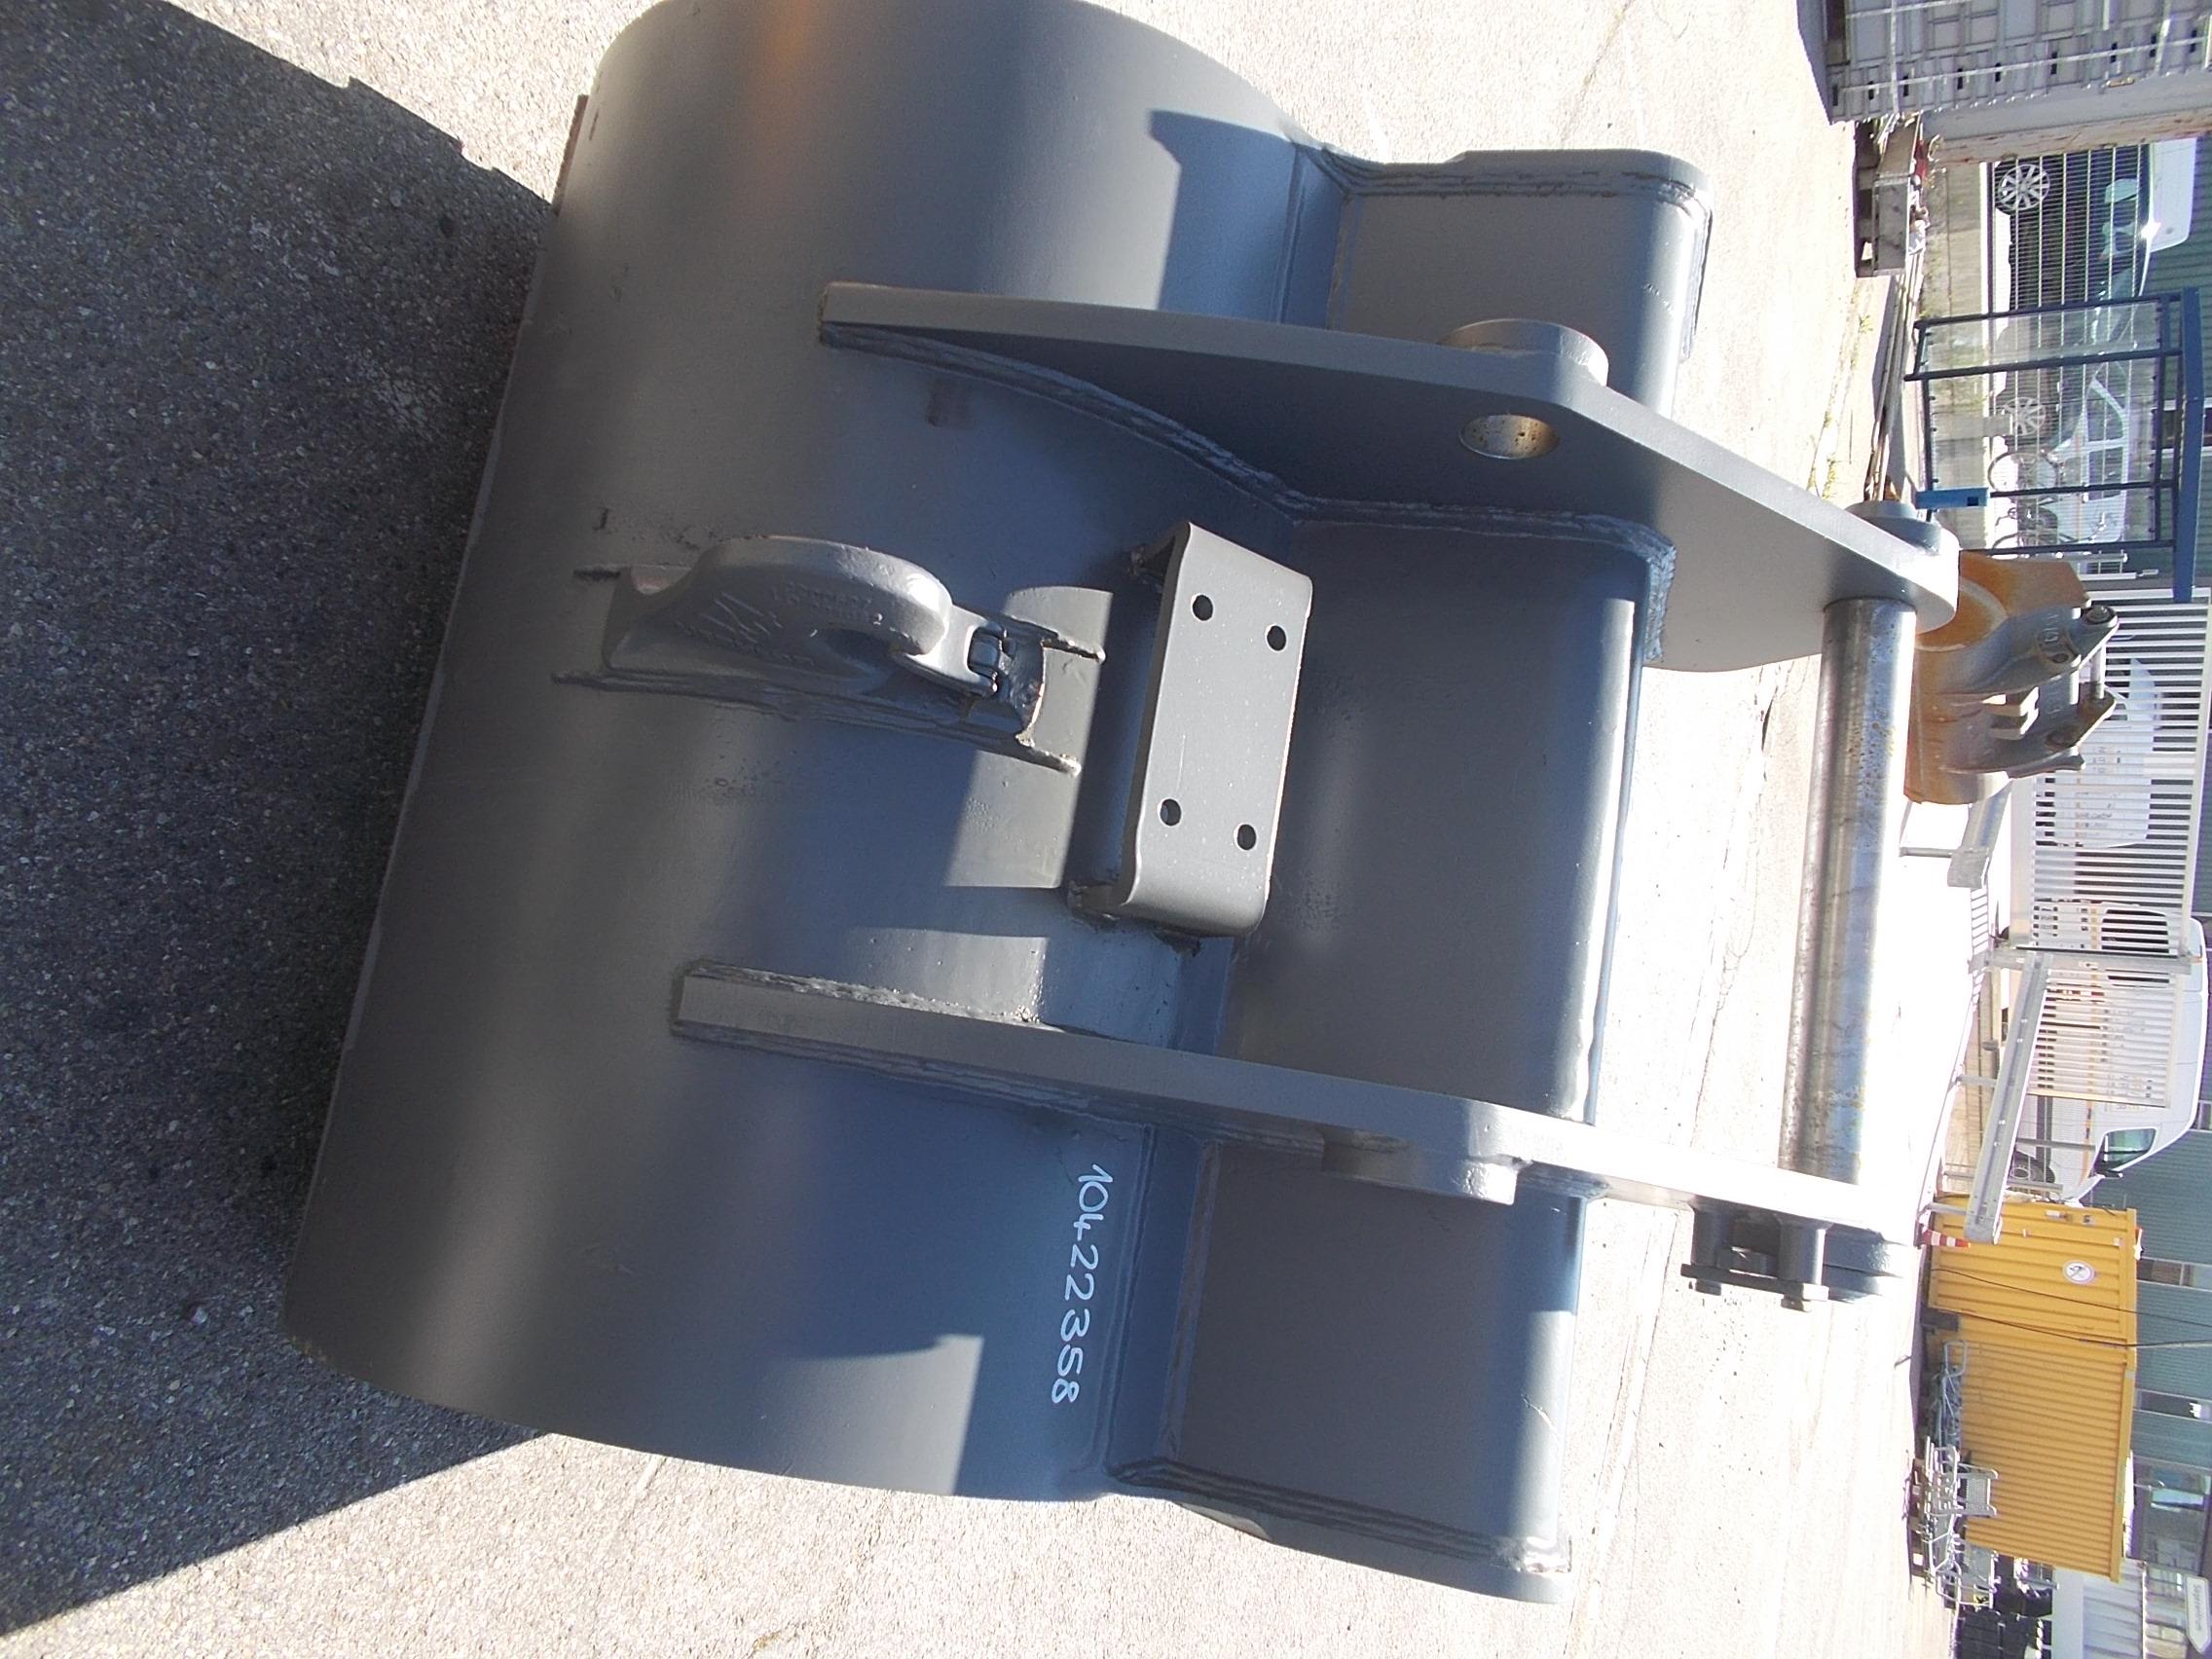 DSCN9316.JPG